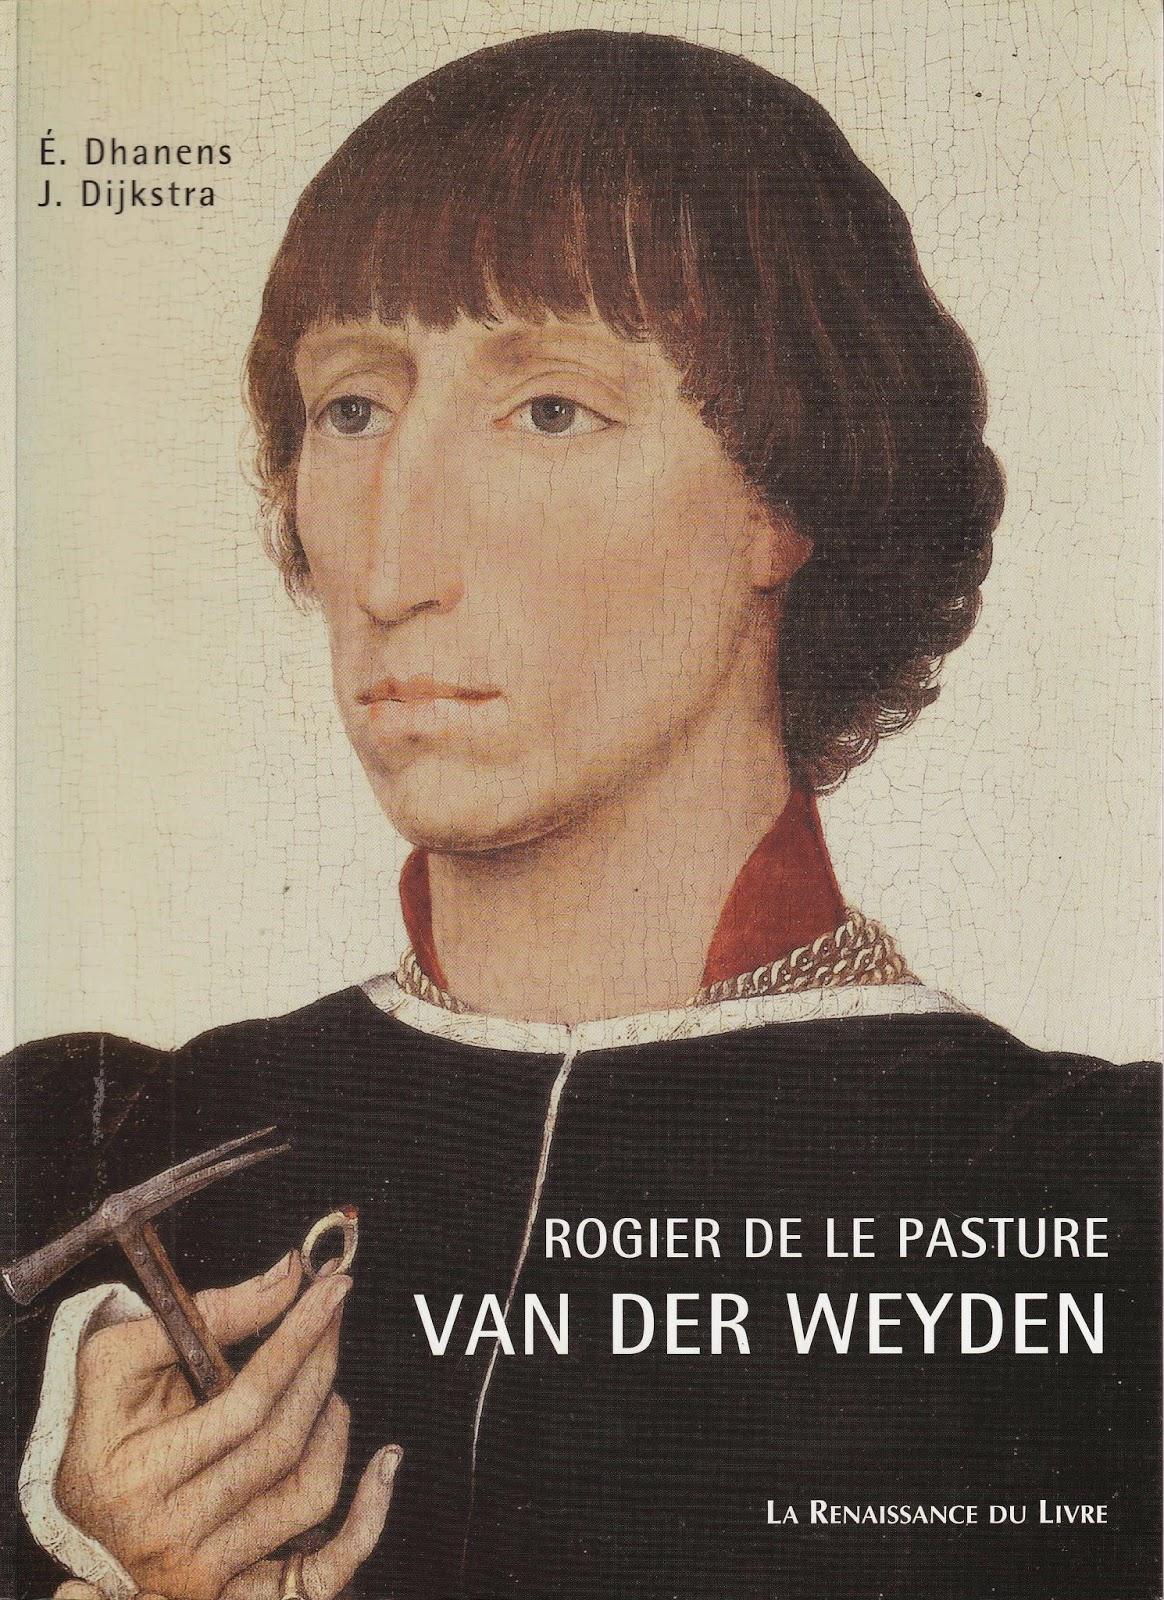 """""""Rogier de le Pasture, Van der Weyden : introduction à l'oeuvre; relecture des sources"""" -  Élisabeth Dhanens, Jellie Dijkstra"""